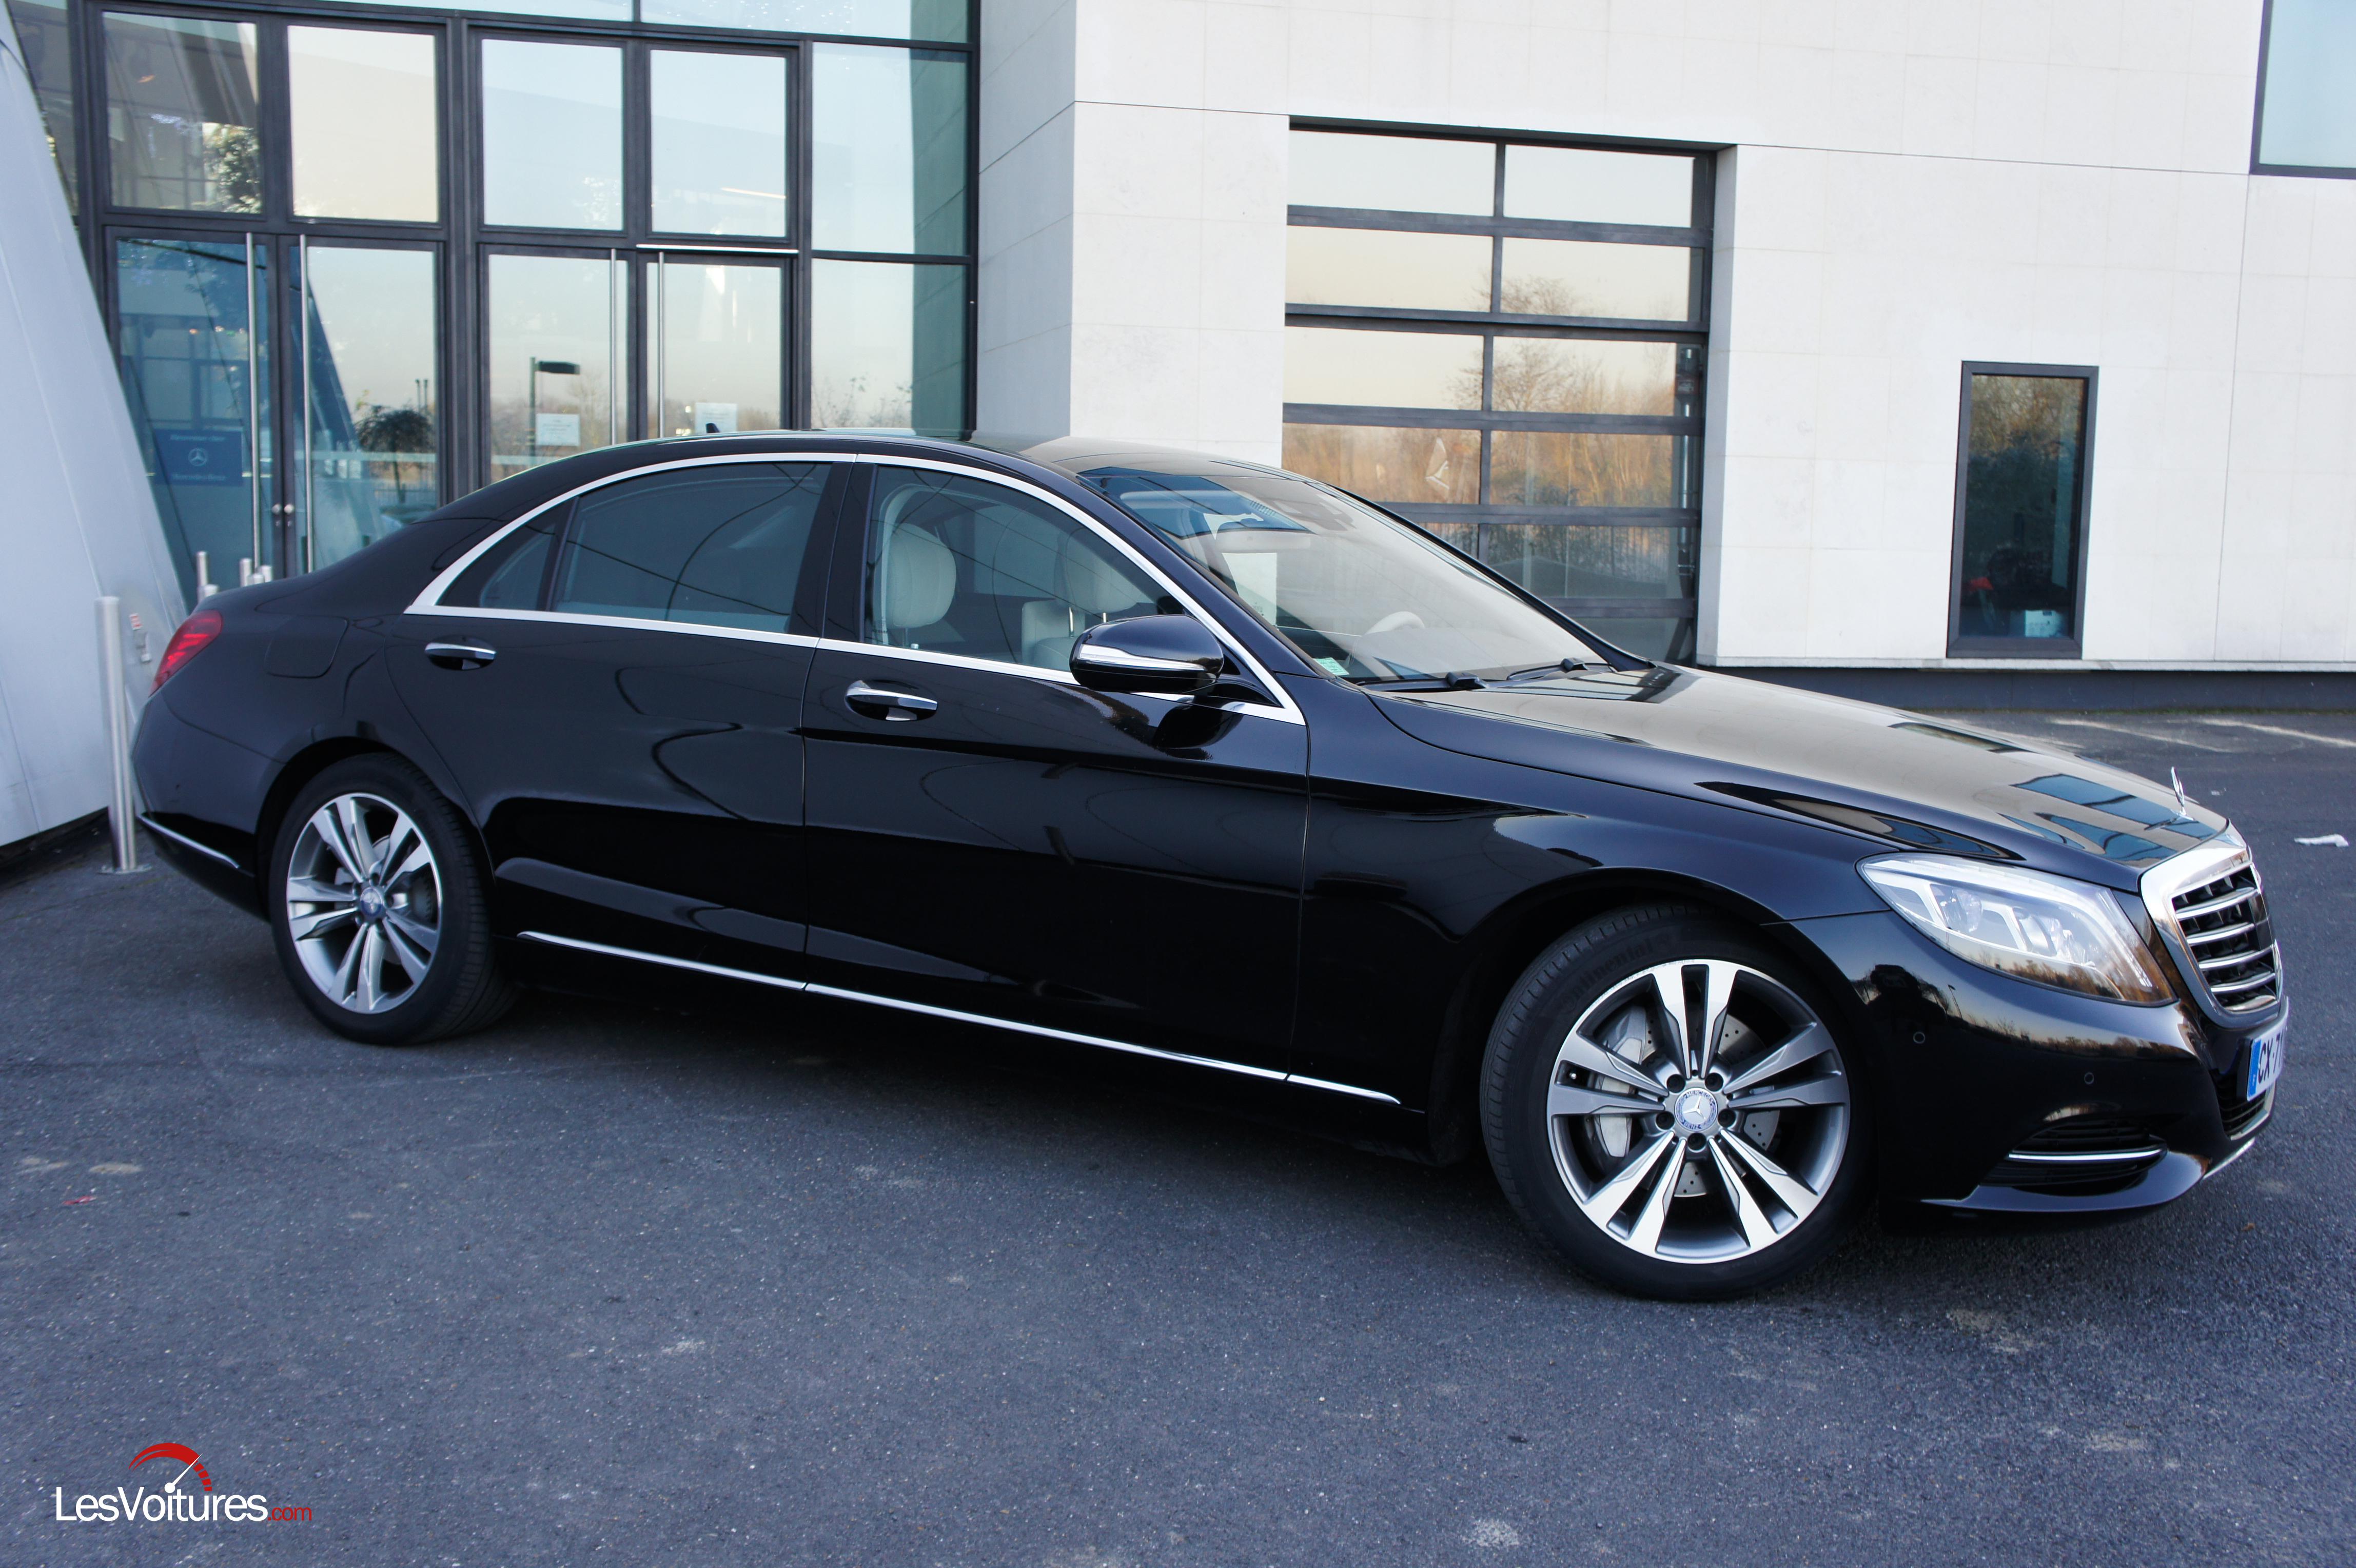 mercedes s400 hybrid 20 les voitures. Black Bedroom Furniture Sets. Home Design Ideas